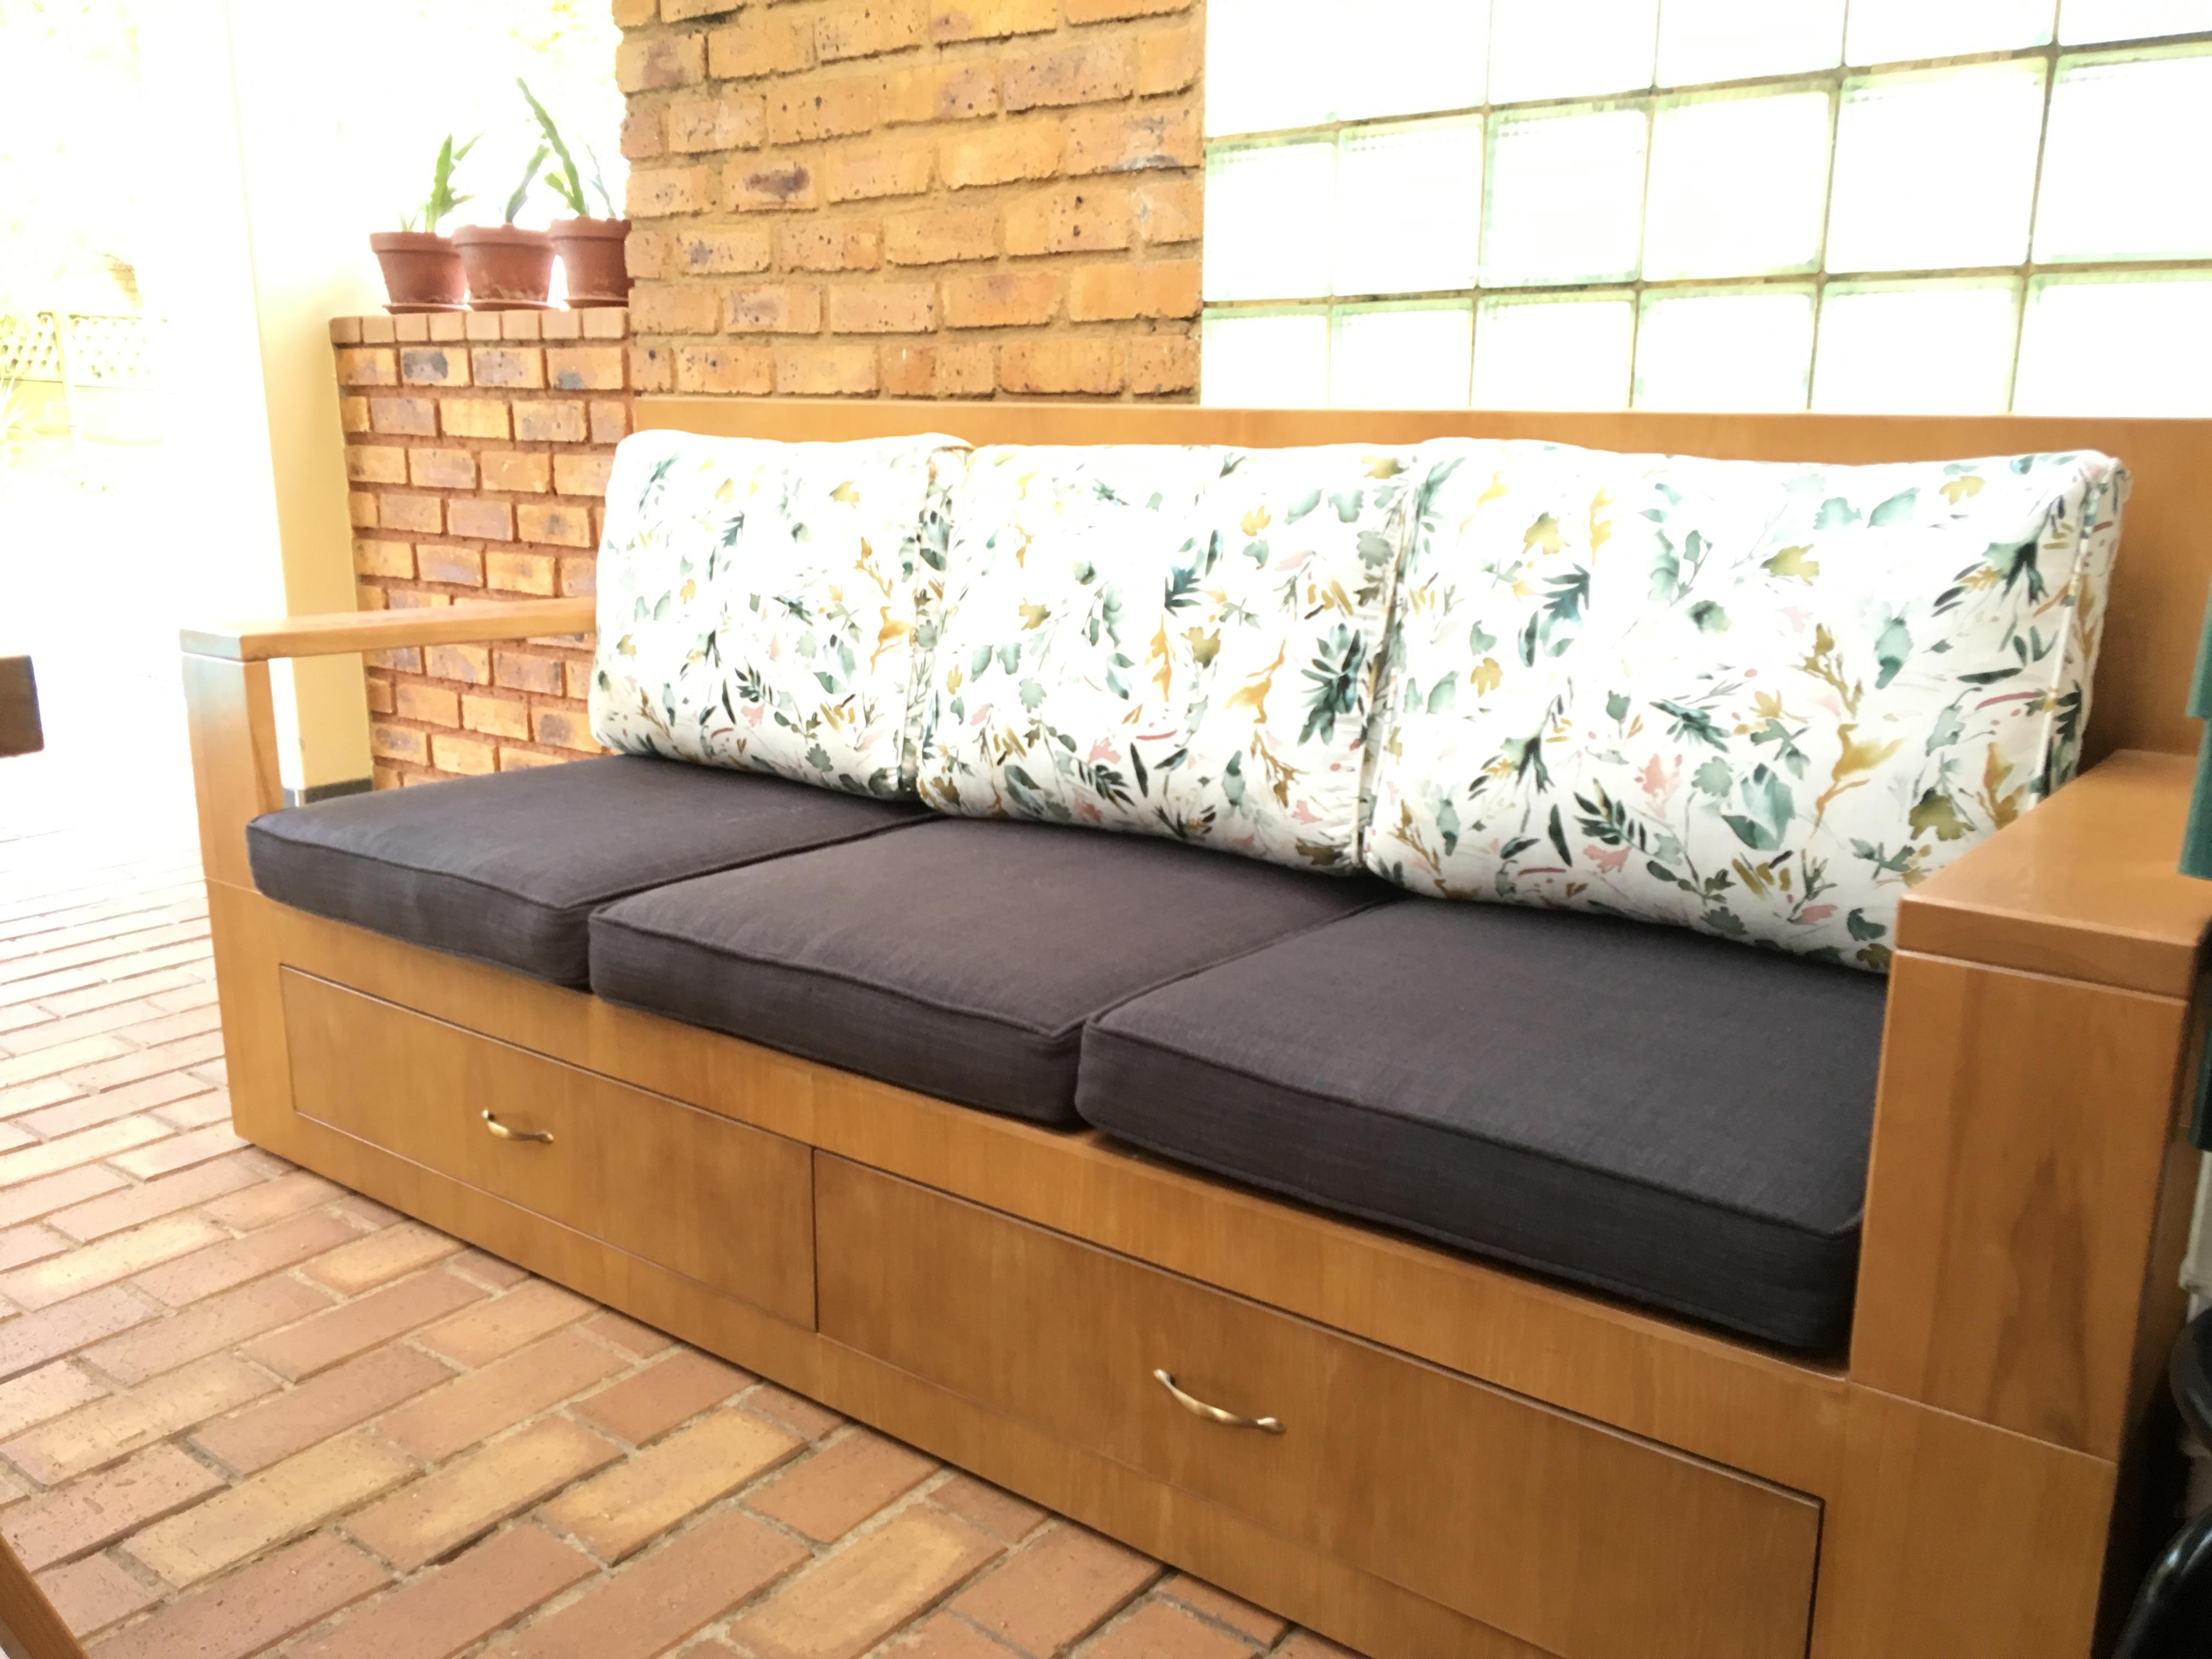 Design Furniture - Outdoor Couch & Storage